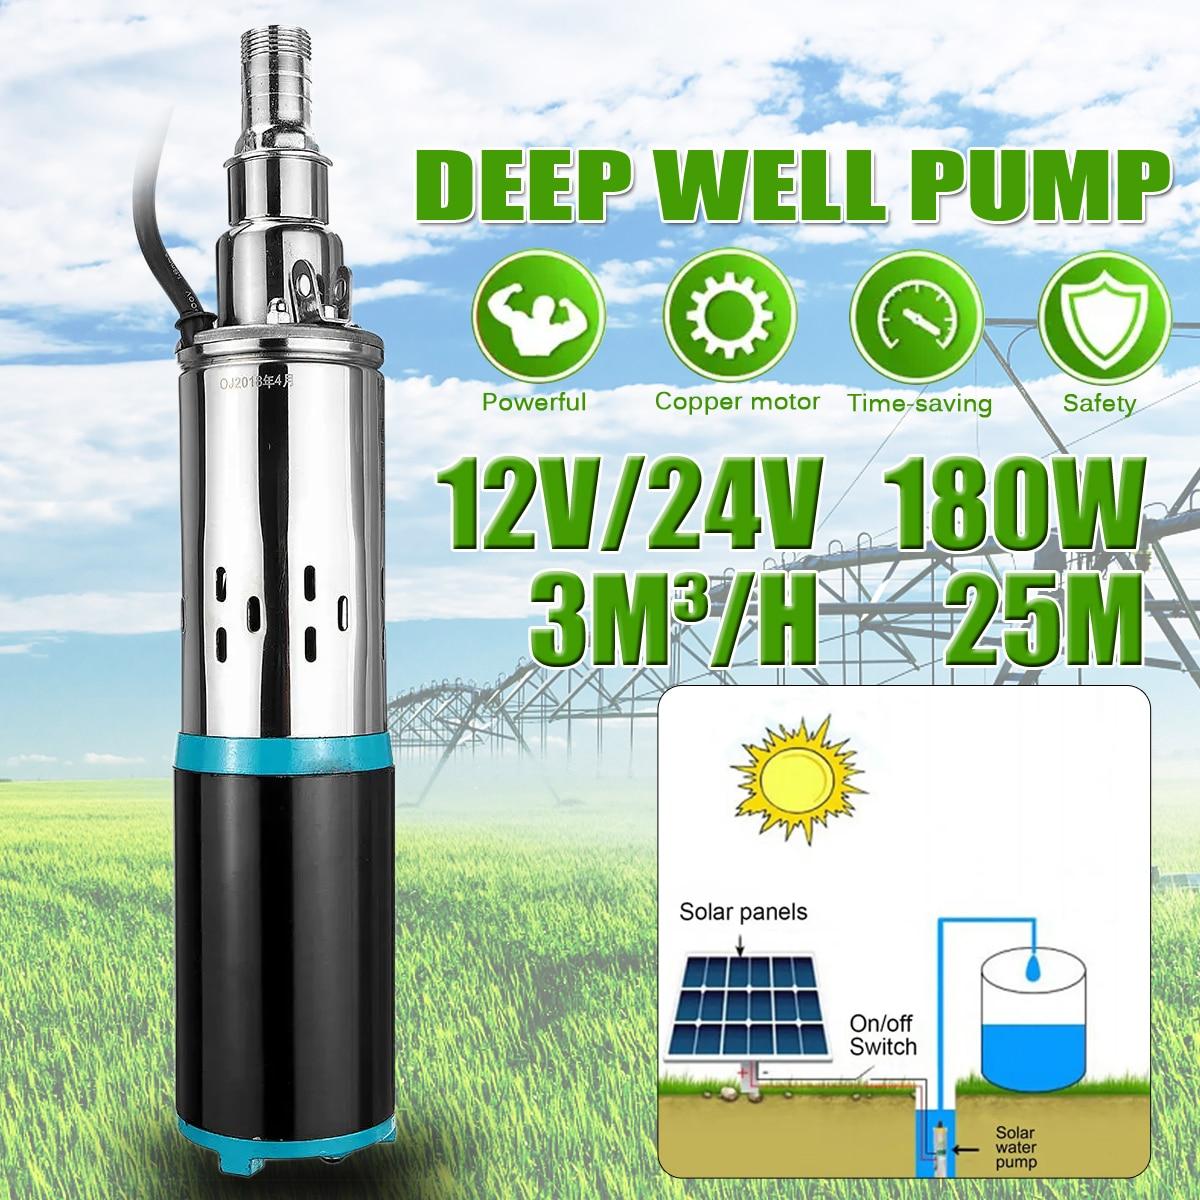 مضخة مياه شمسية عالية الضغط ، 12 فولت/24 فولت ، 25 متر ، غاطسة ، بئر ، حديقة ري زراعية